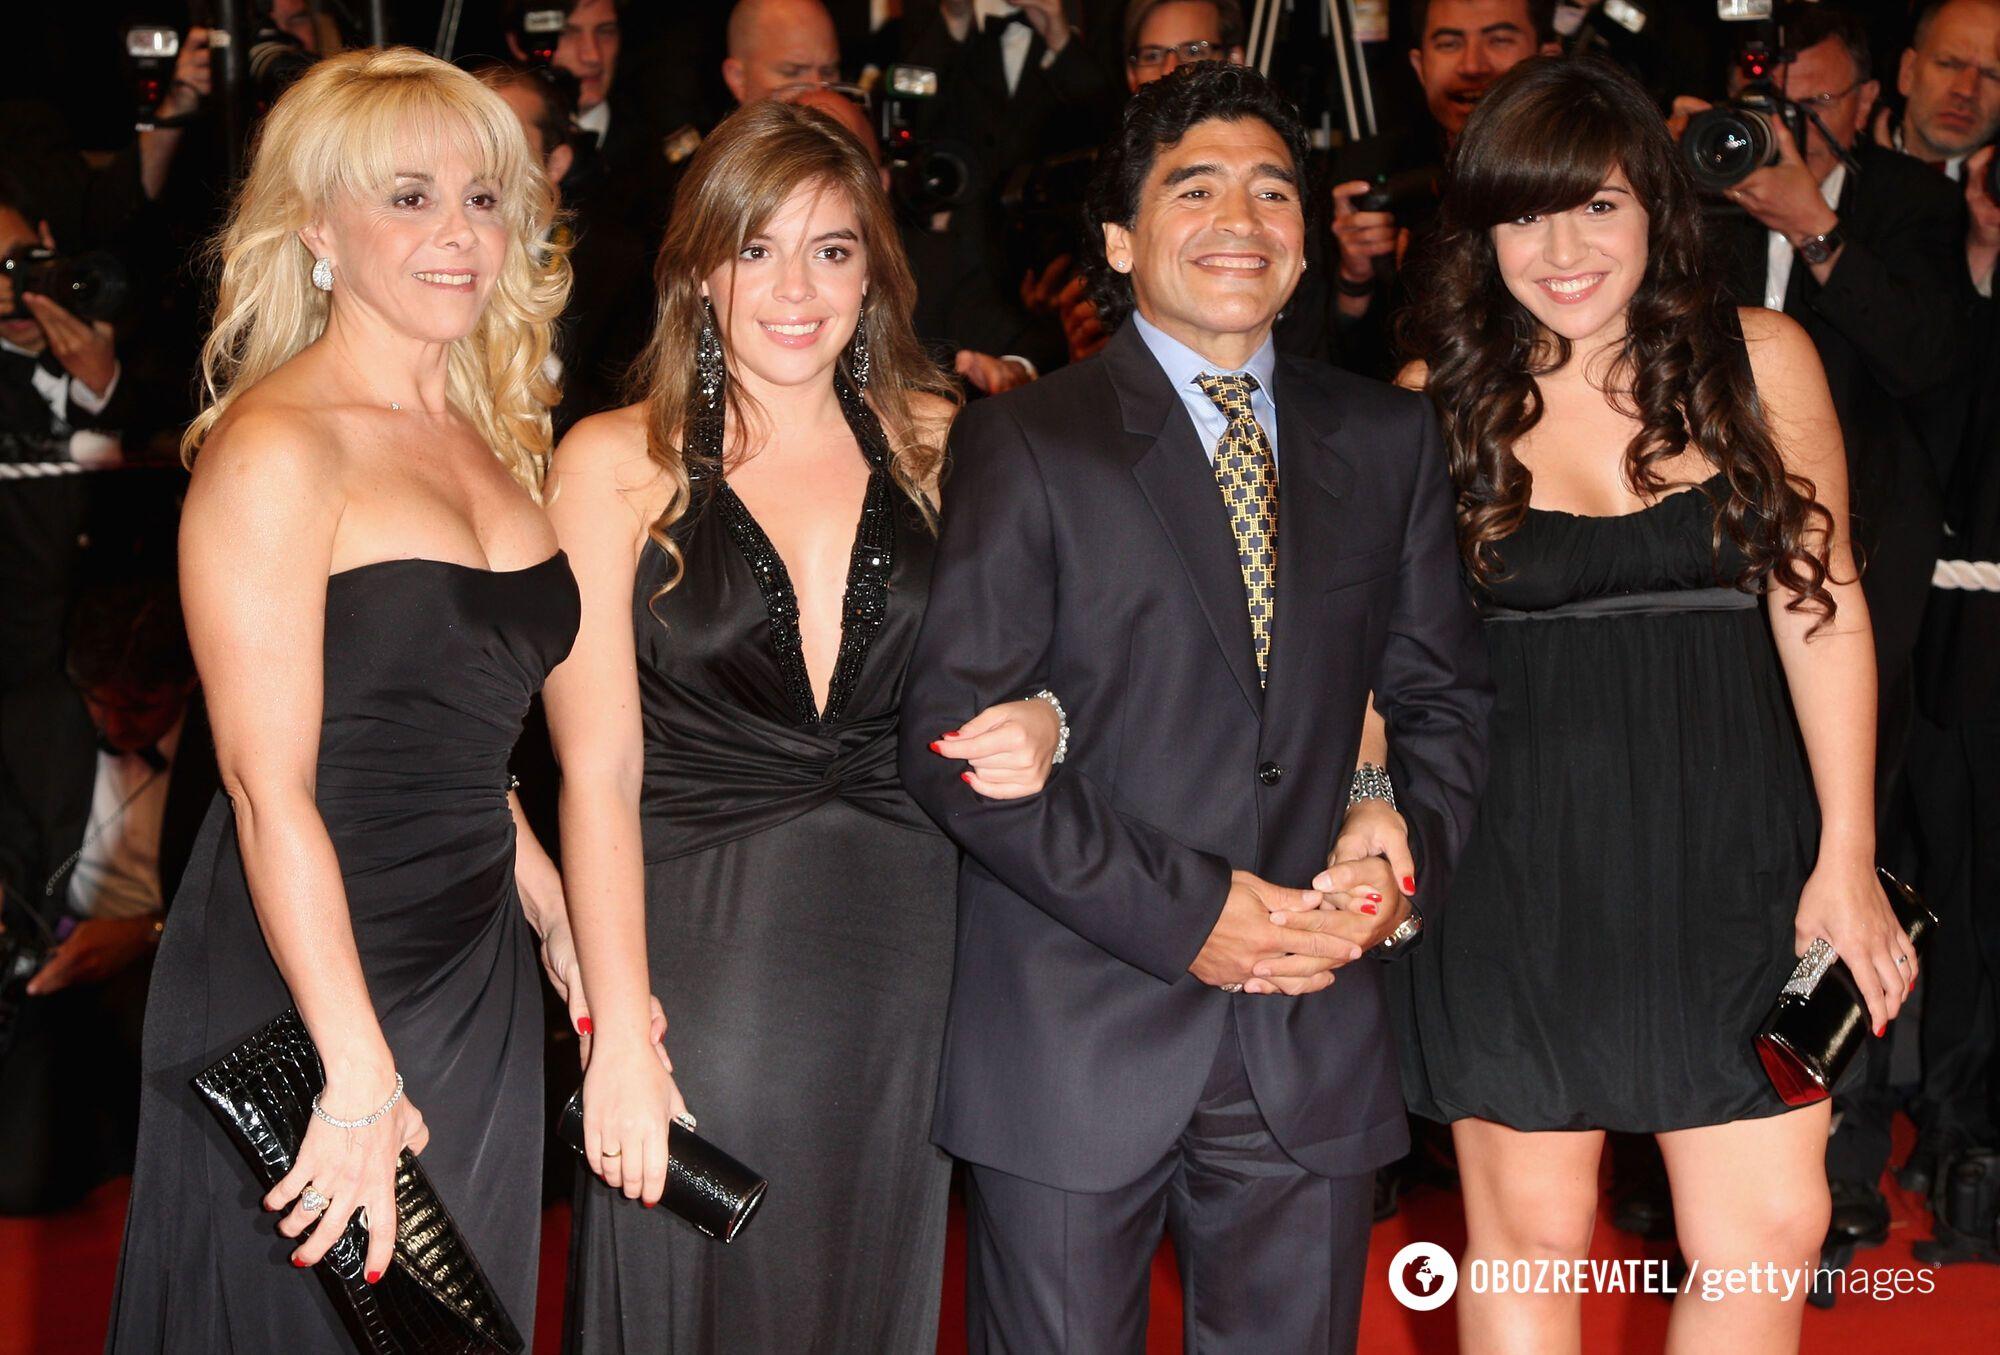 Диего Марадона с Клаудией Велафаньей (слева) и дочерьми.